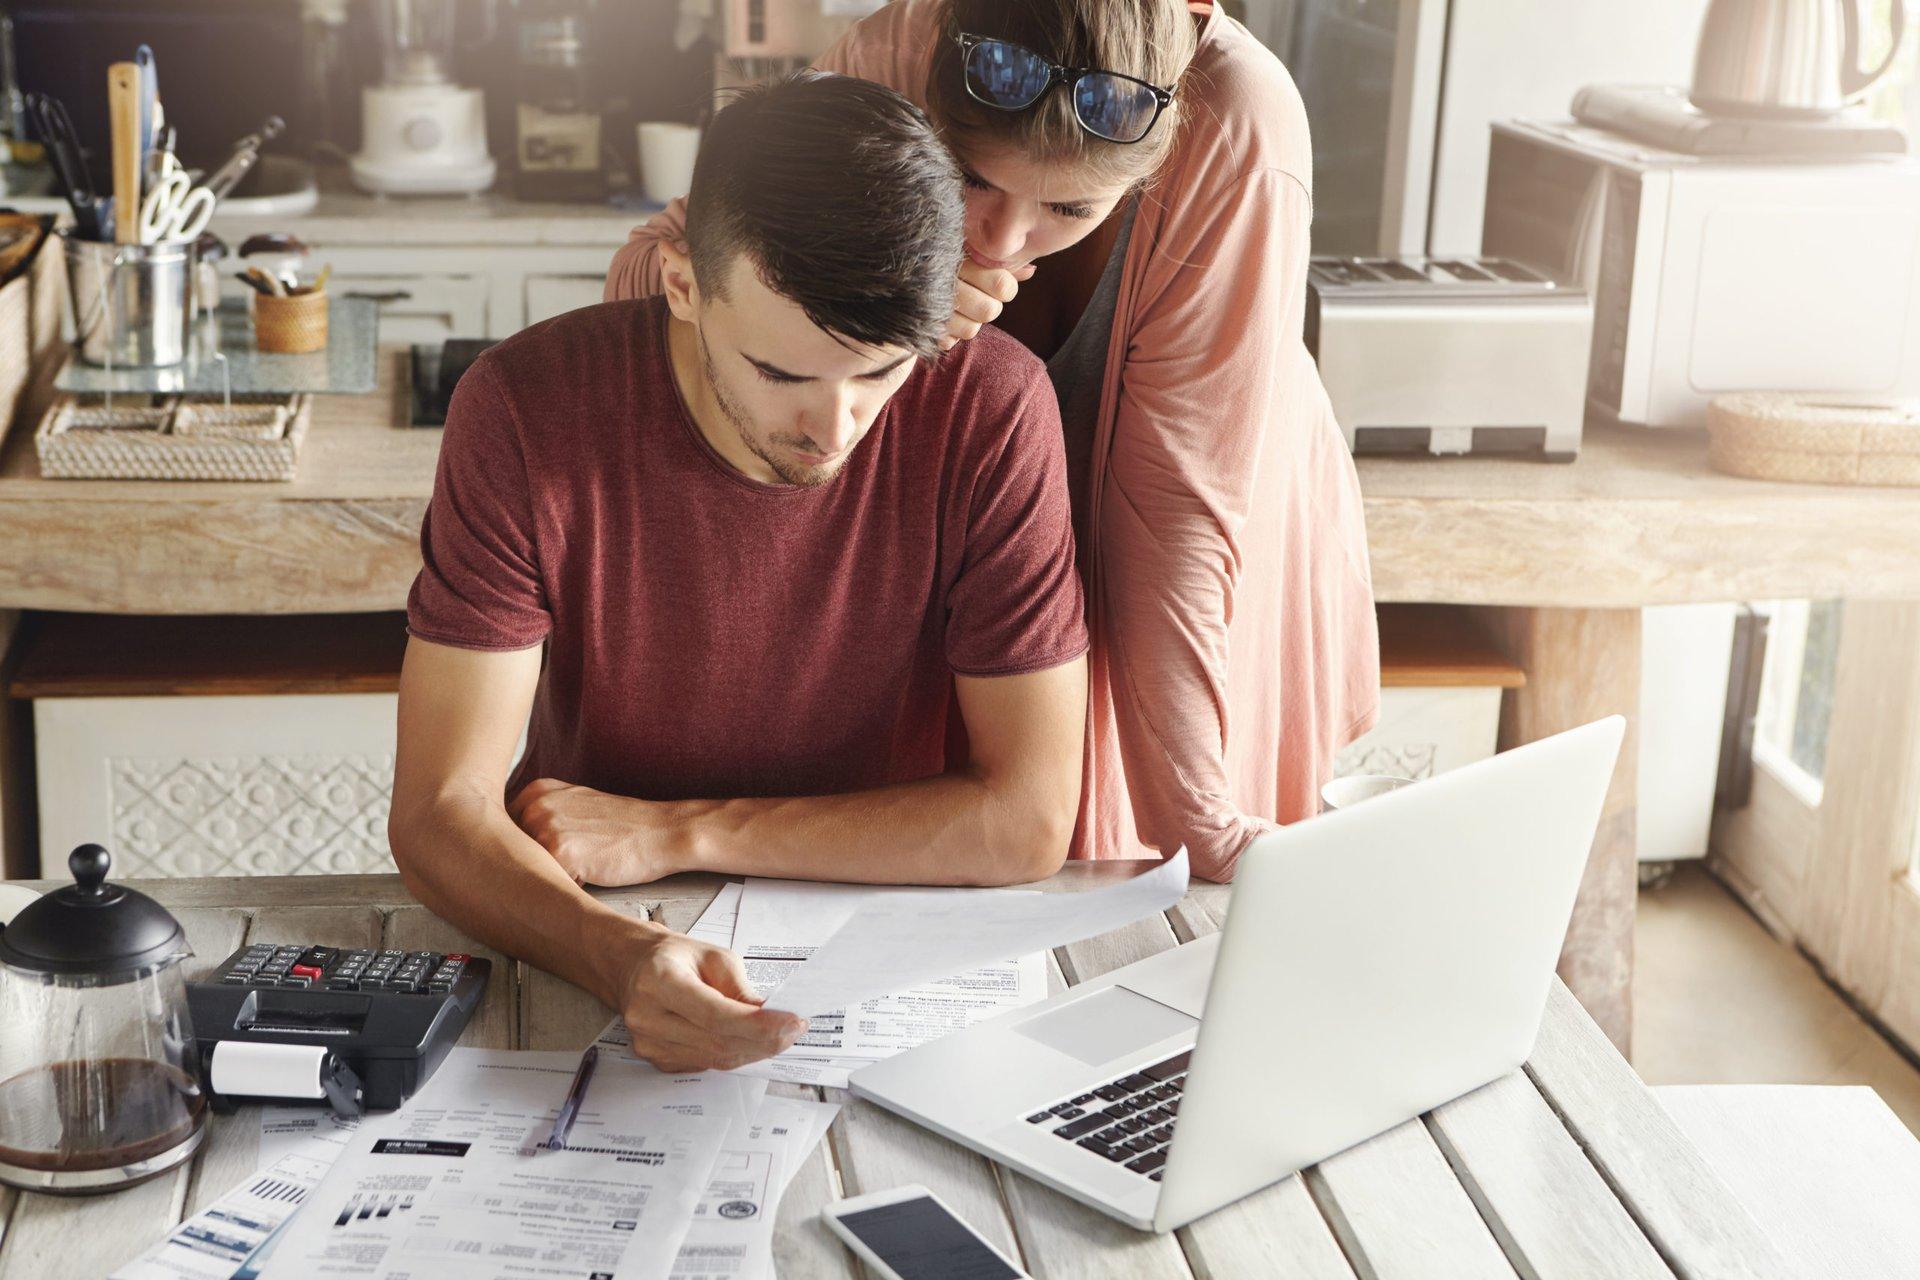 Couple preparing their tax returns